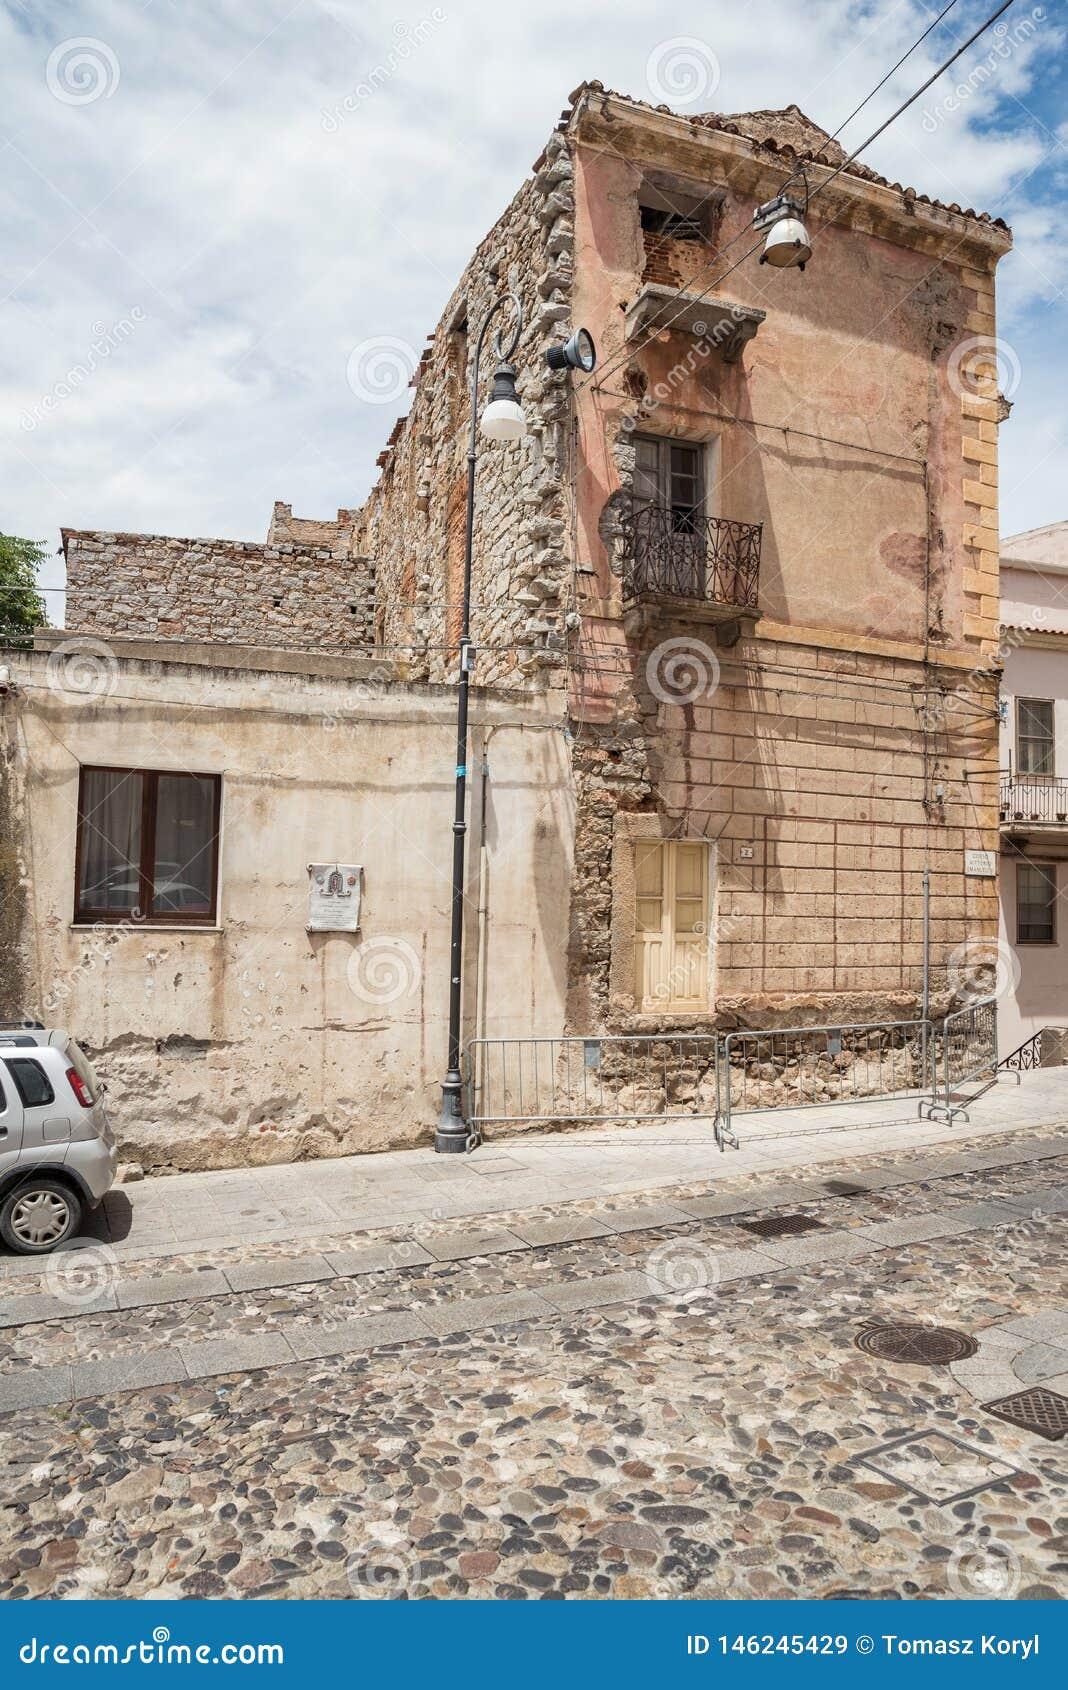 Starzy domy robi? kamienie, drewno, w Oliena wiosce, Nuoro prowincja, wyspa Sardinia, W?ochy